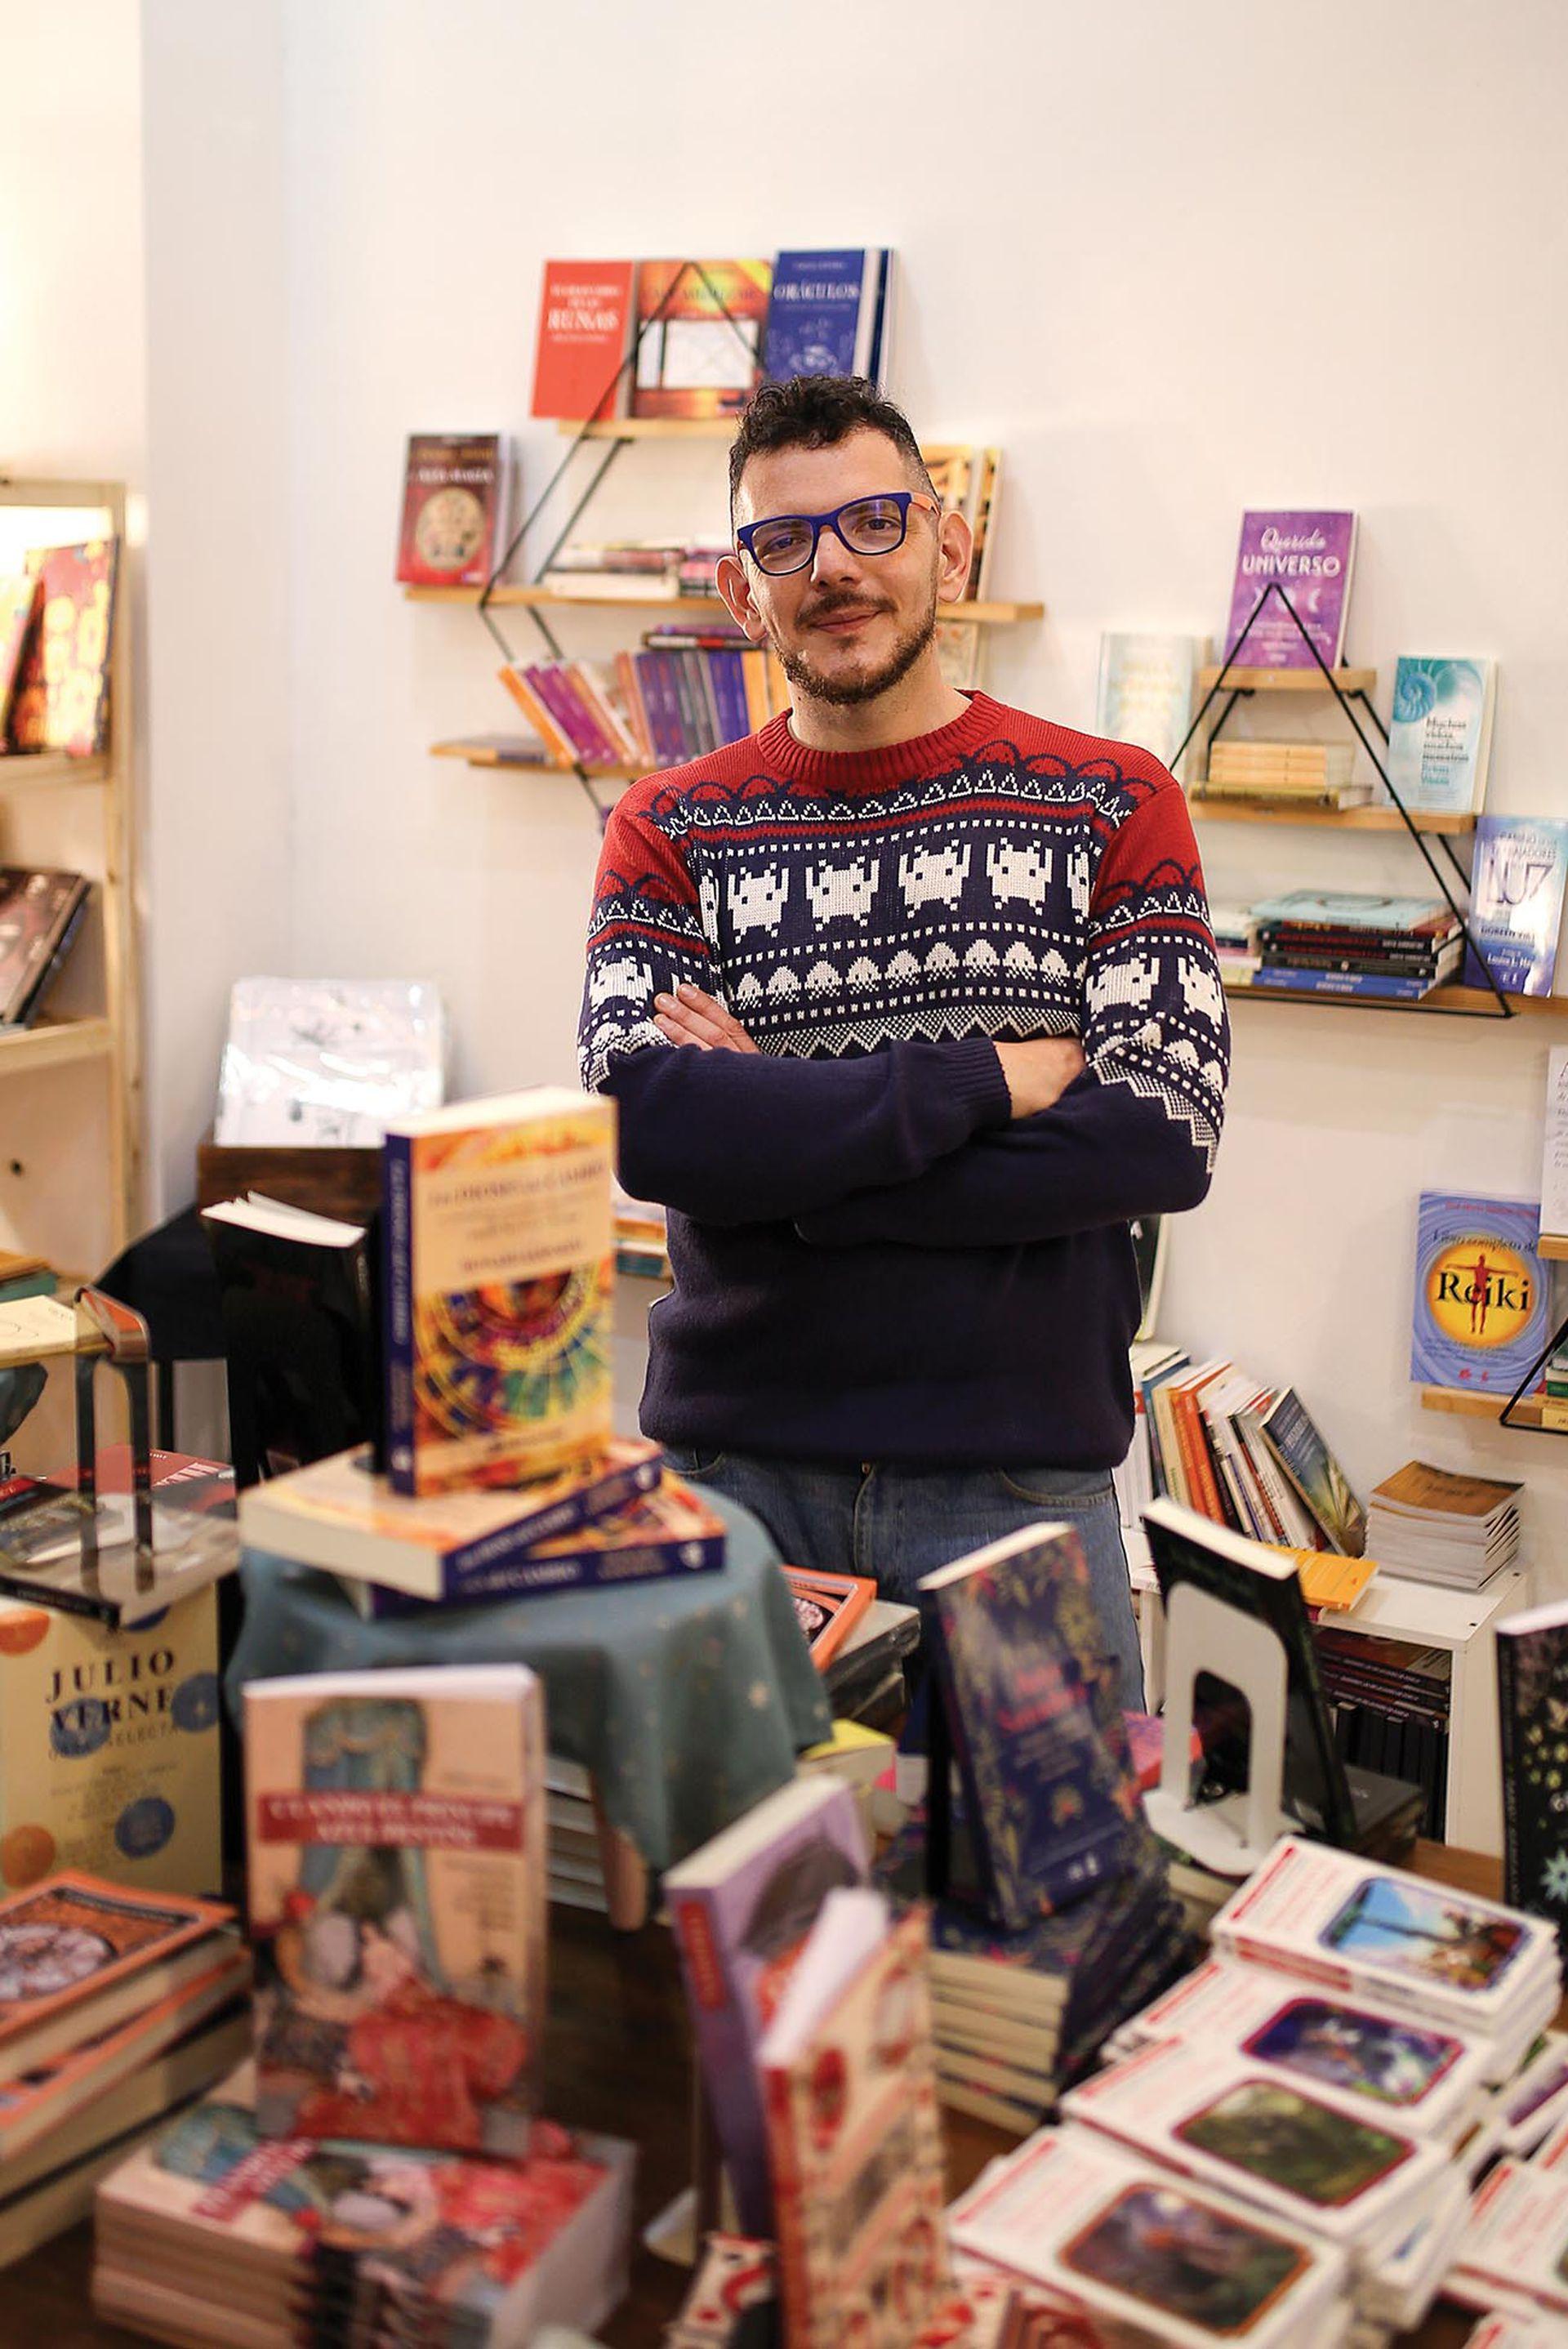 """SebastiÁn (40). Librería: Magia Libros, Palermo. ¿Qué es lo que más te gusta del oficio? """"Hablar todo el tiempo con gente que lee, eso es hermoso porque te colgás hablando de libros""""."""